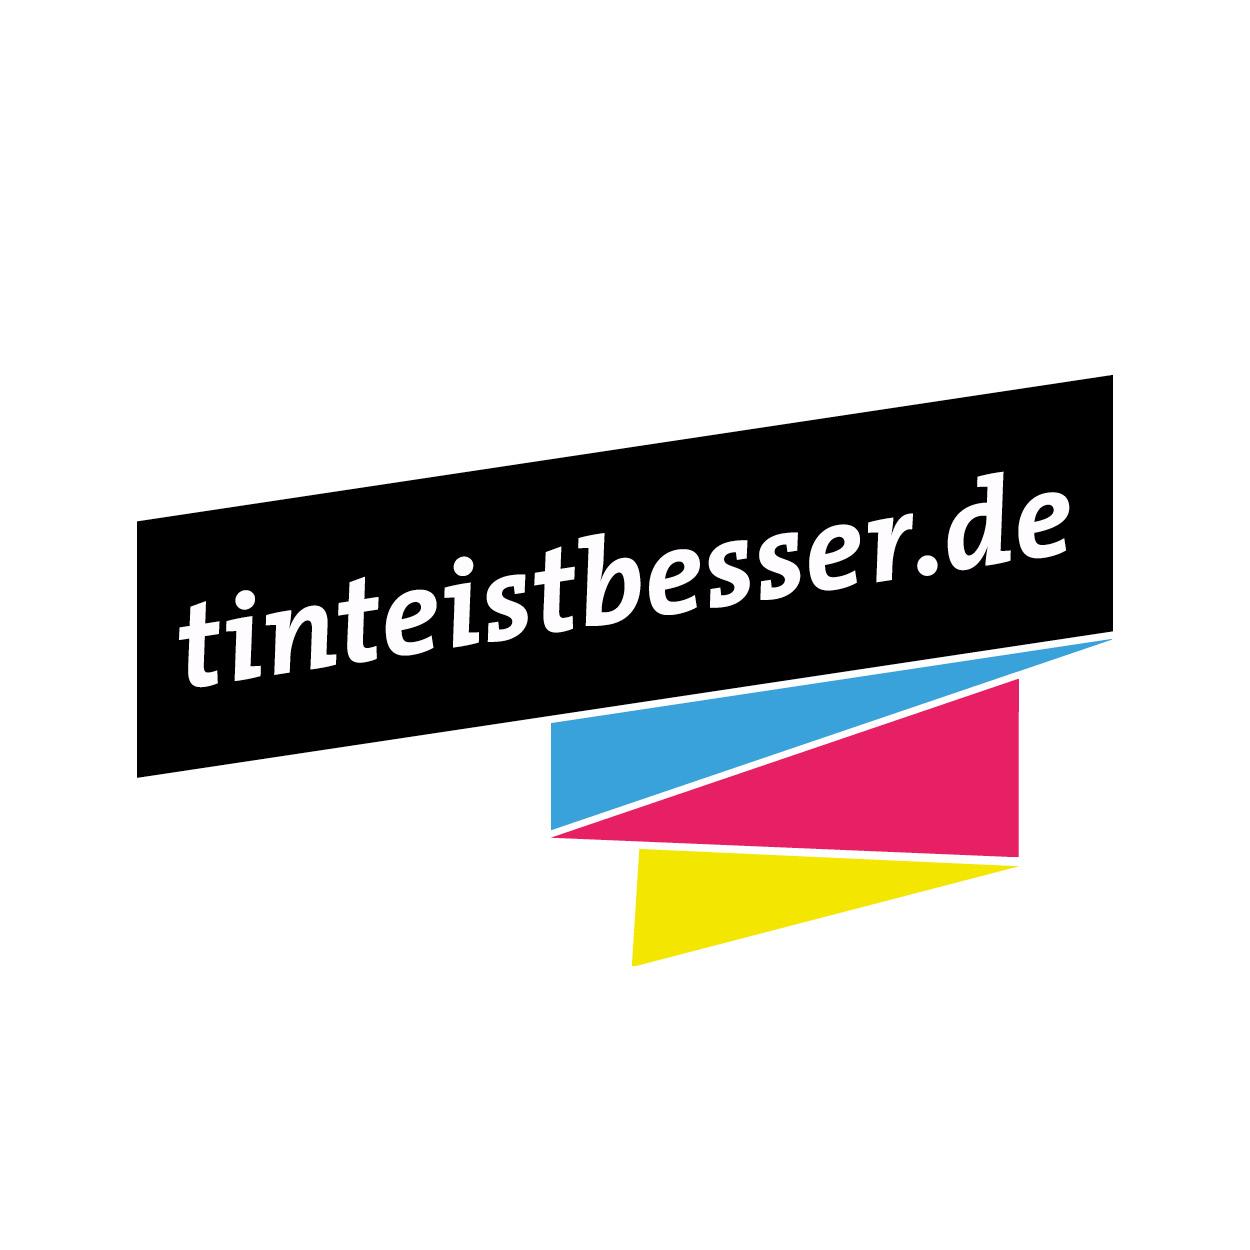 tinteistbesser.de